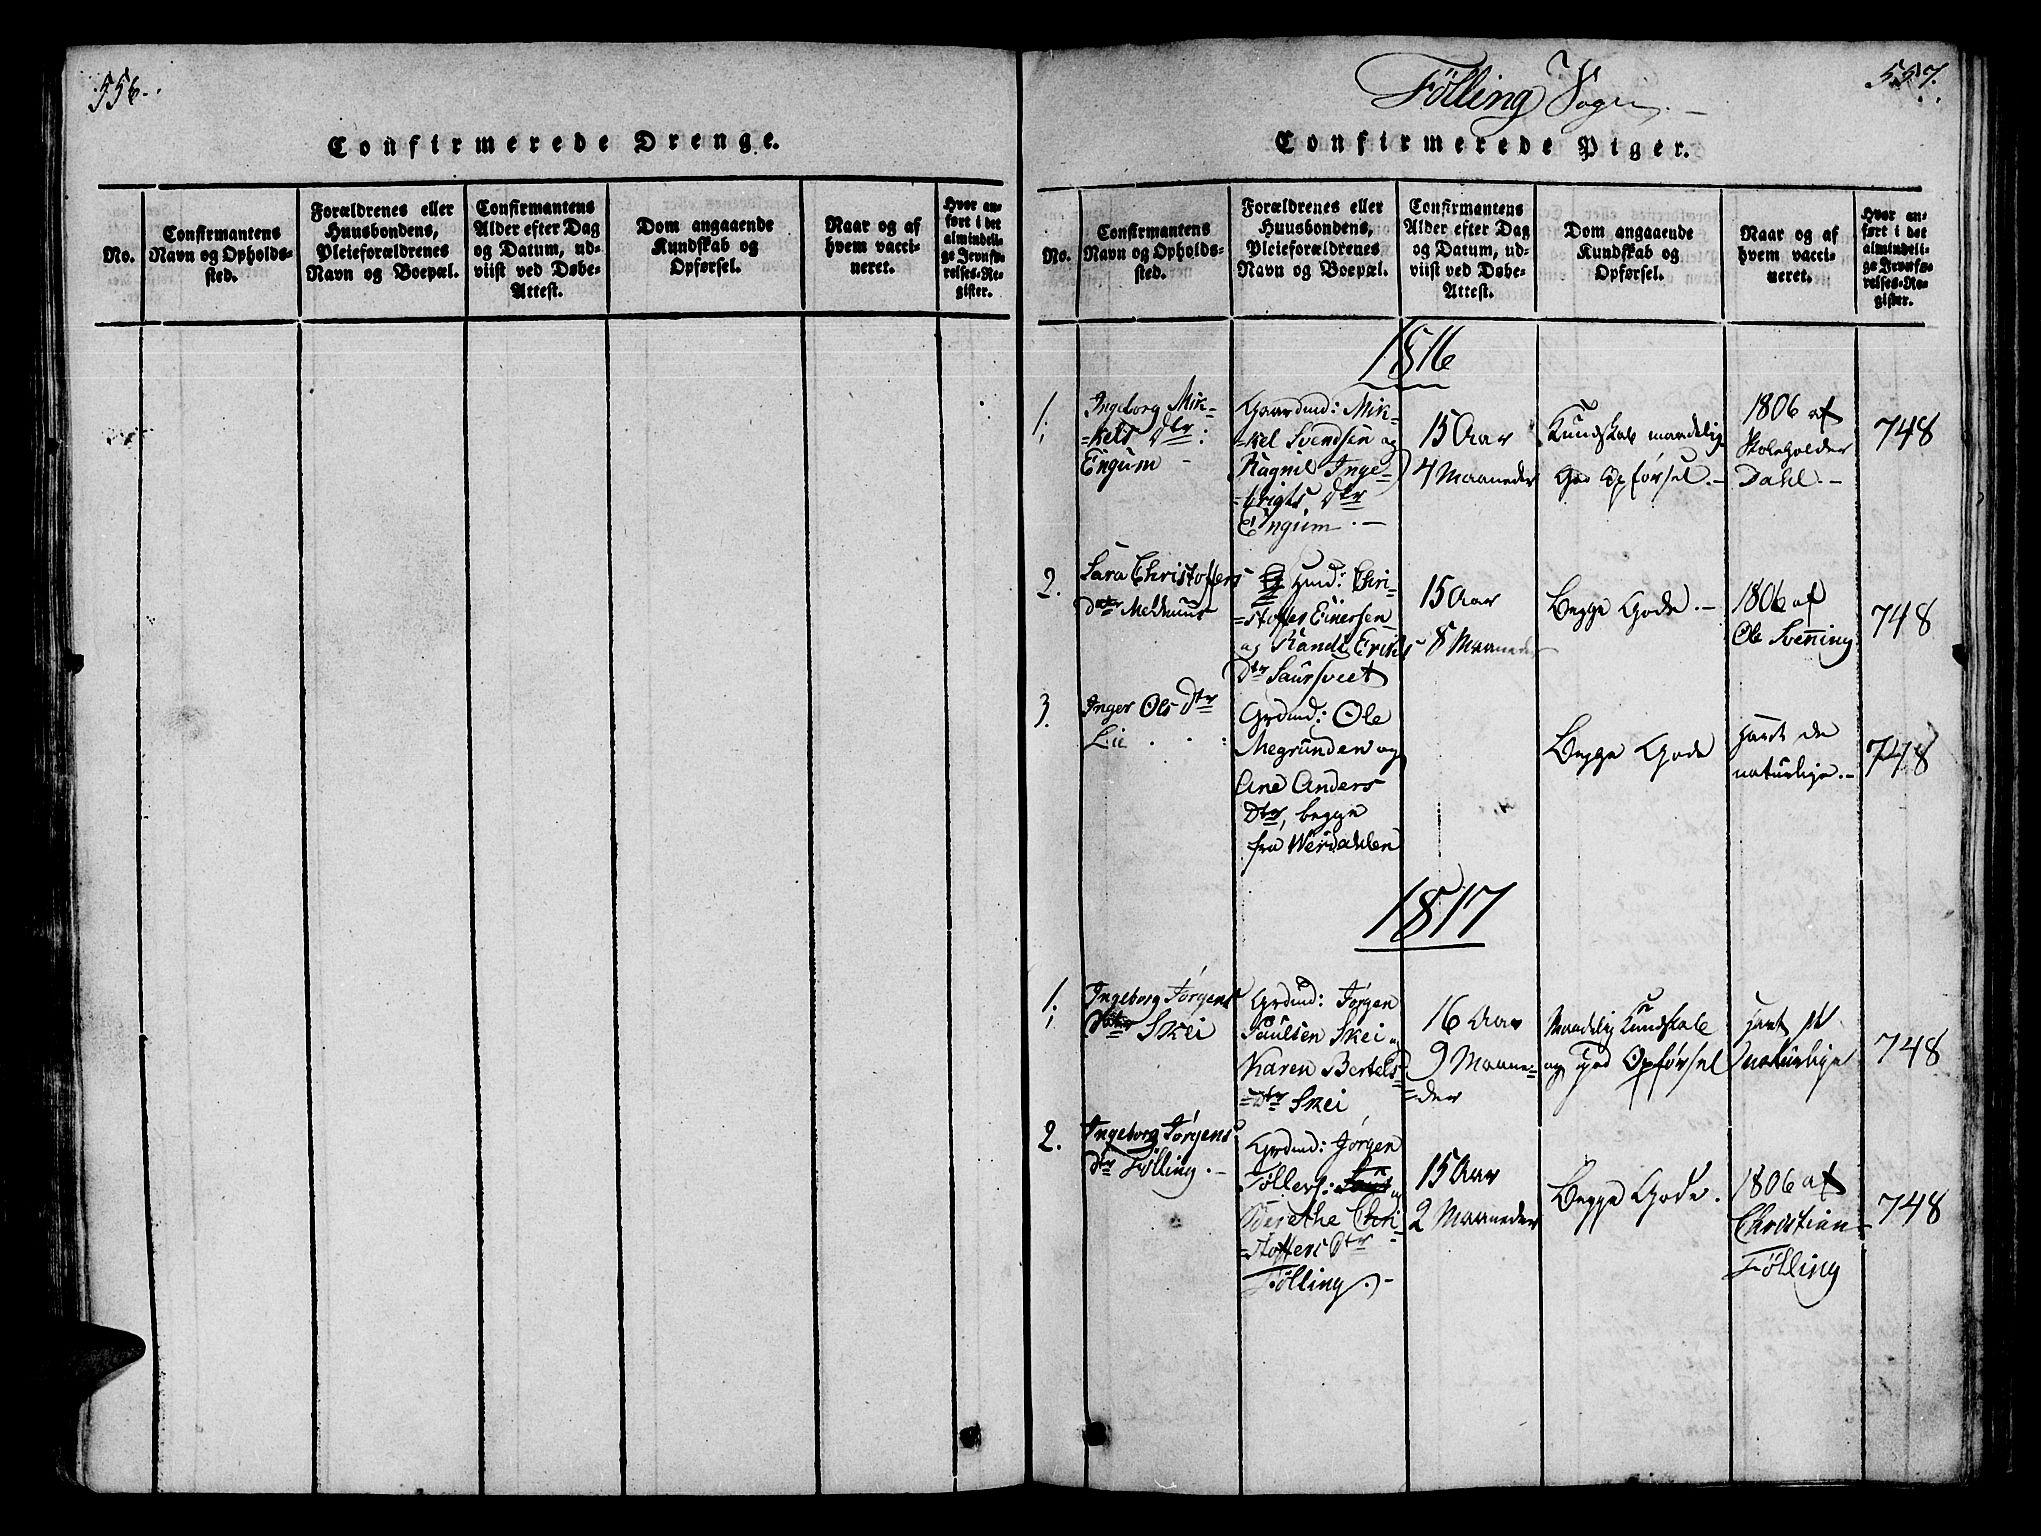 SAT, Ministerialprotokoller, klokkerbøker og fødselsregistre - Nord-Trøndelag, 746/L0441: Ministerialbok nr. 746A03 /4, 1816-1827, s. 556-557